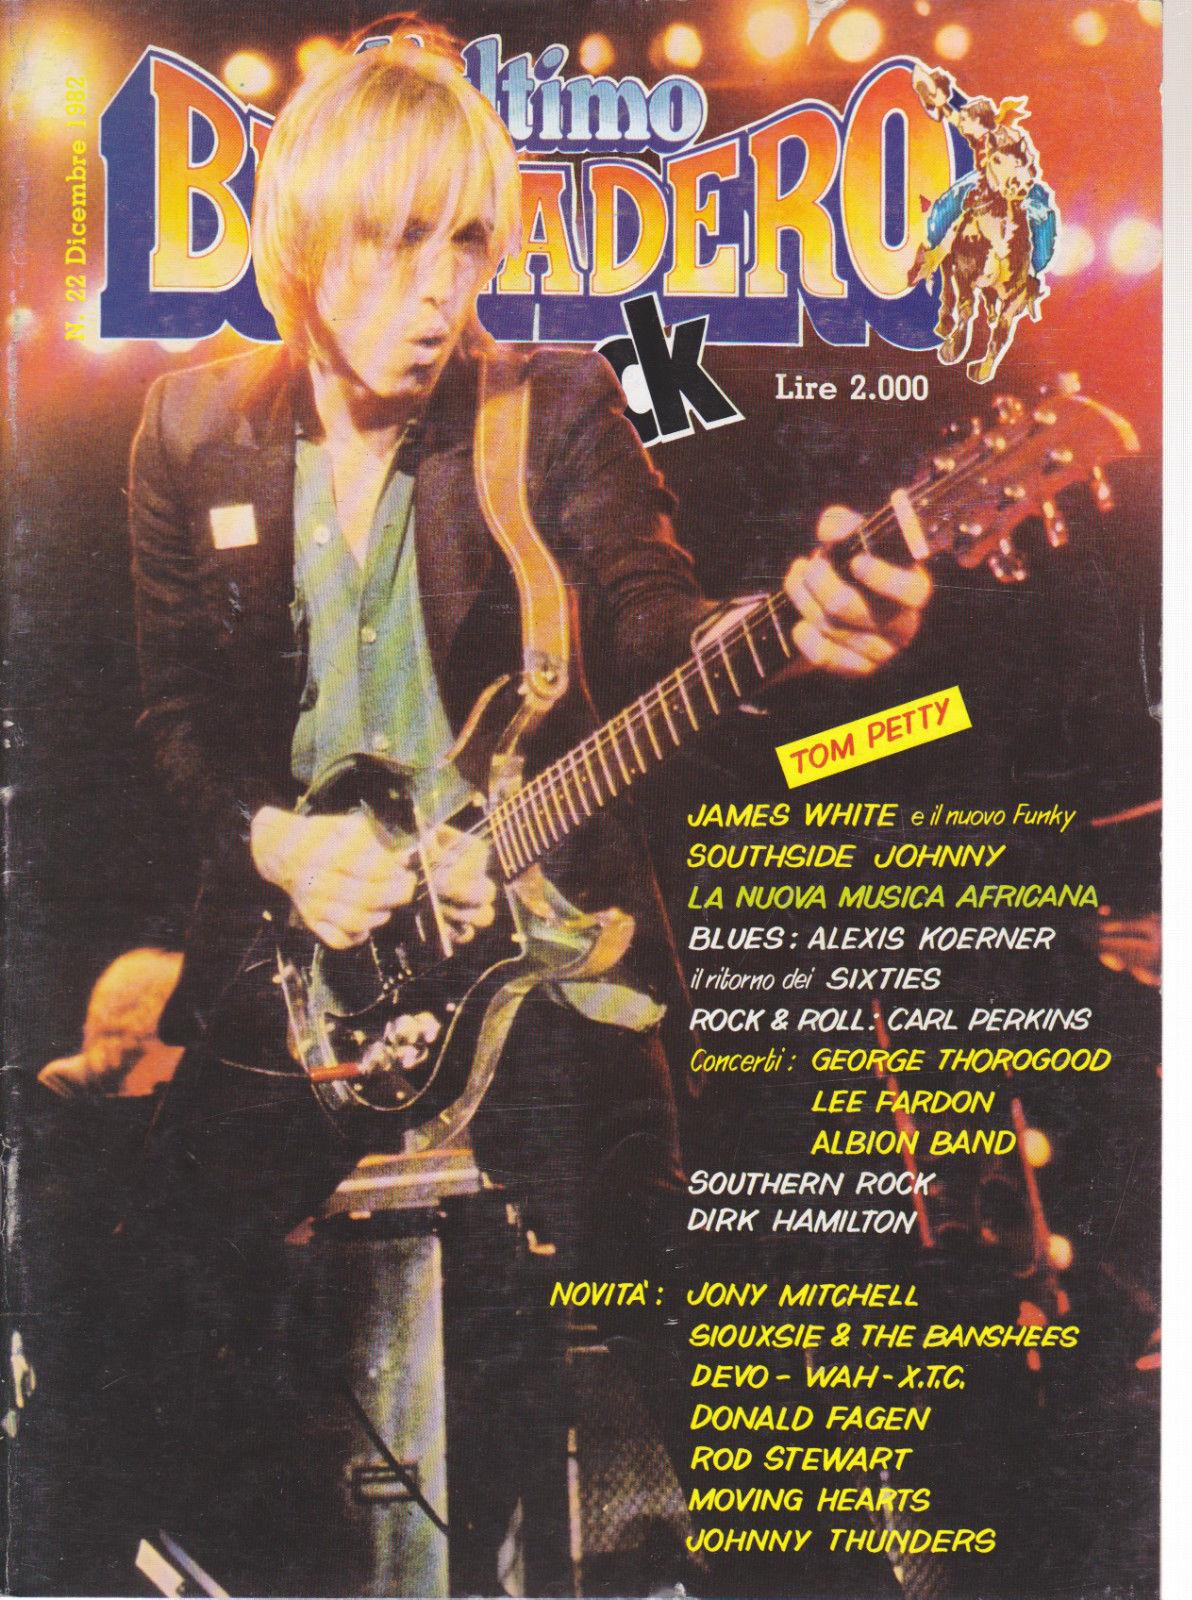 L'ultimo buscadero n. 22 (dicembre 1982)